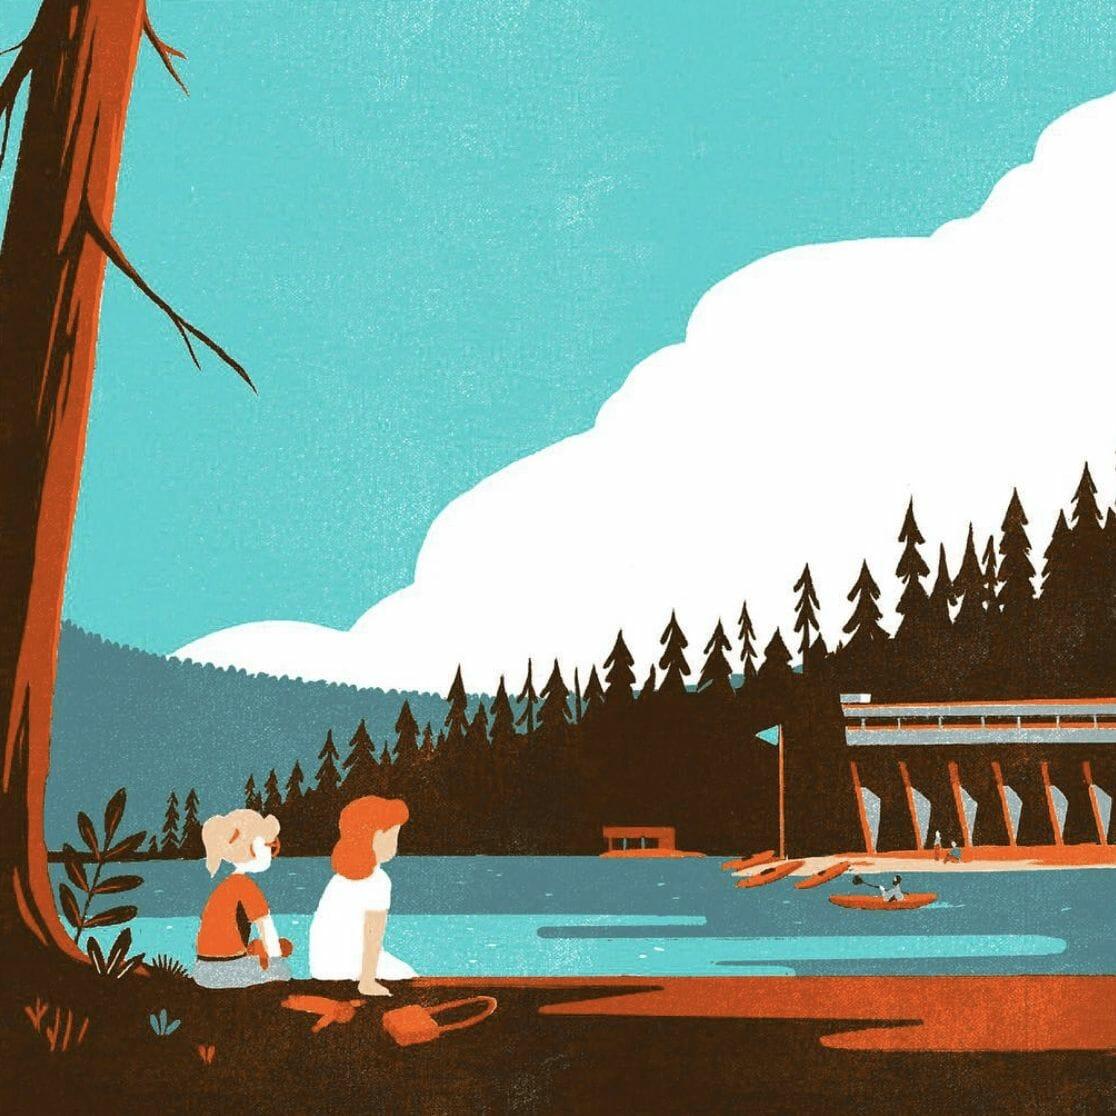 Pêche près d'un étang - illustration d'un paysage réalisée par Tom Haugomat